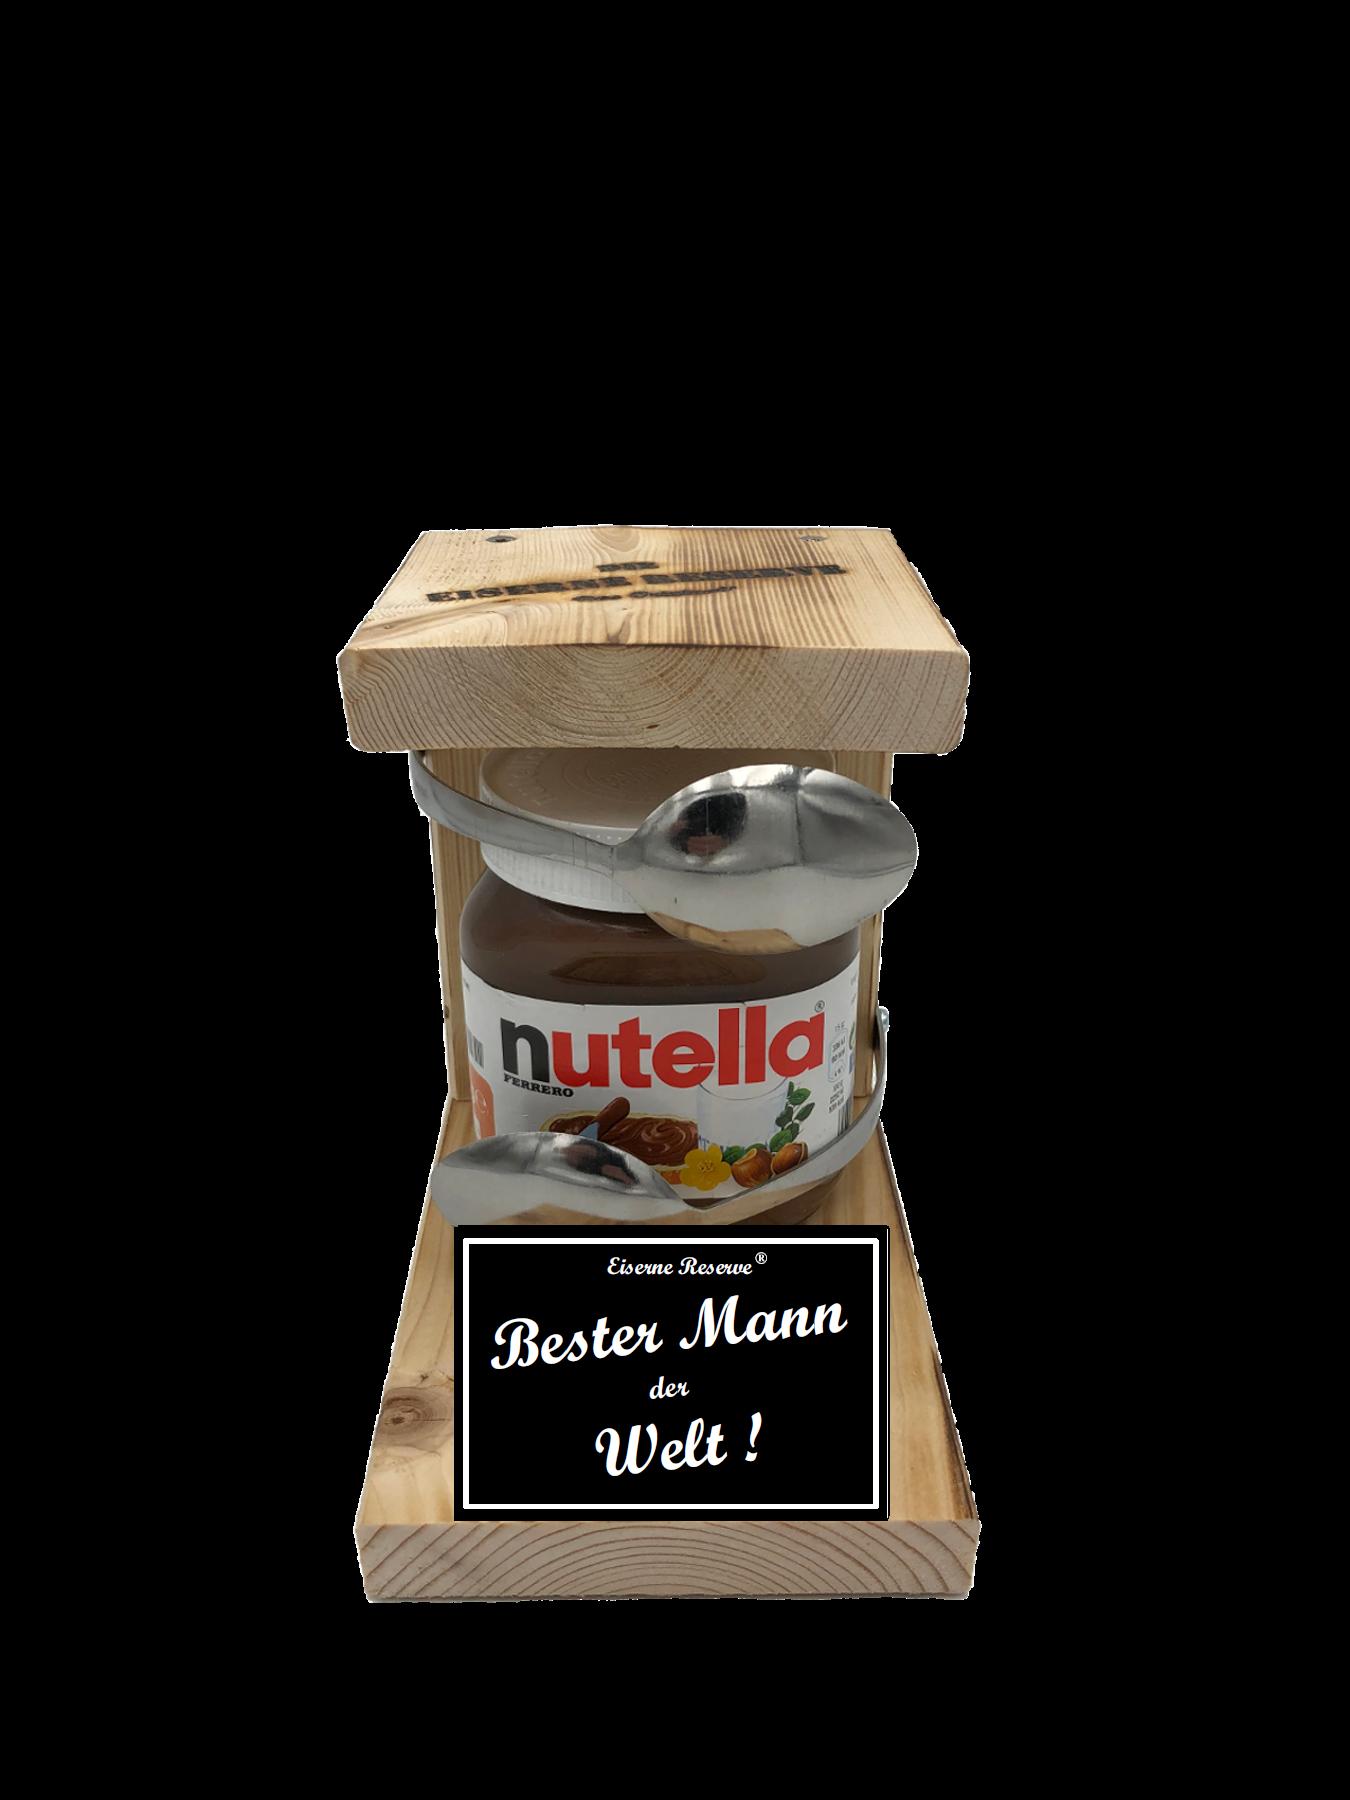 Bester Mann der Welt Löffel Nutella Geschenk - Die Nutella Geschenkidee